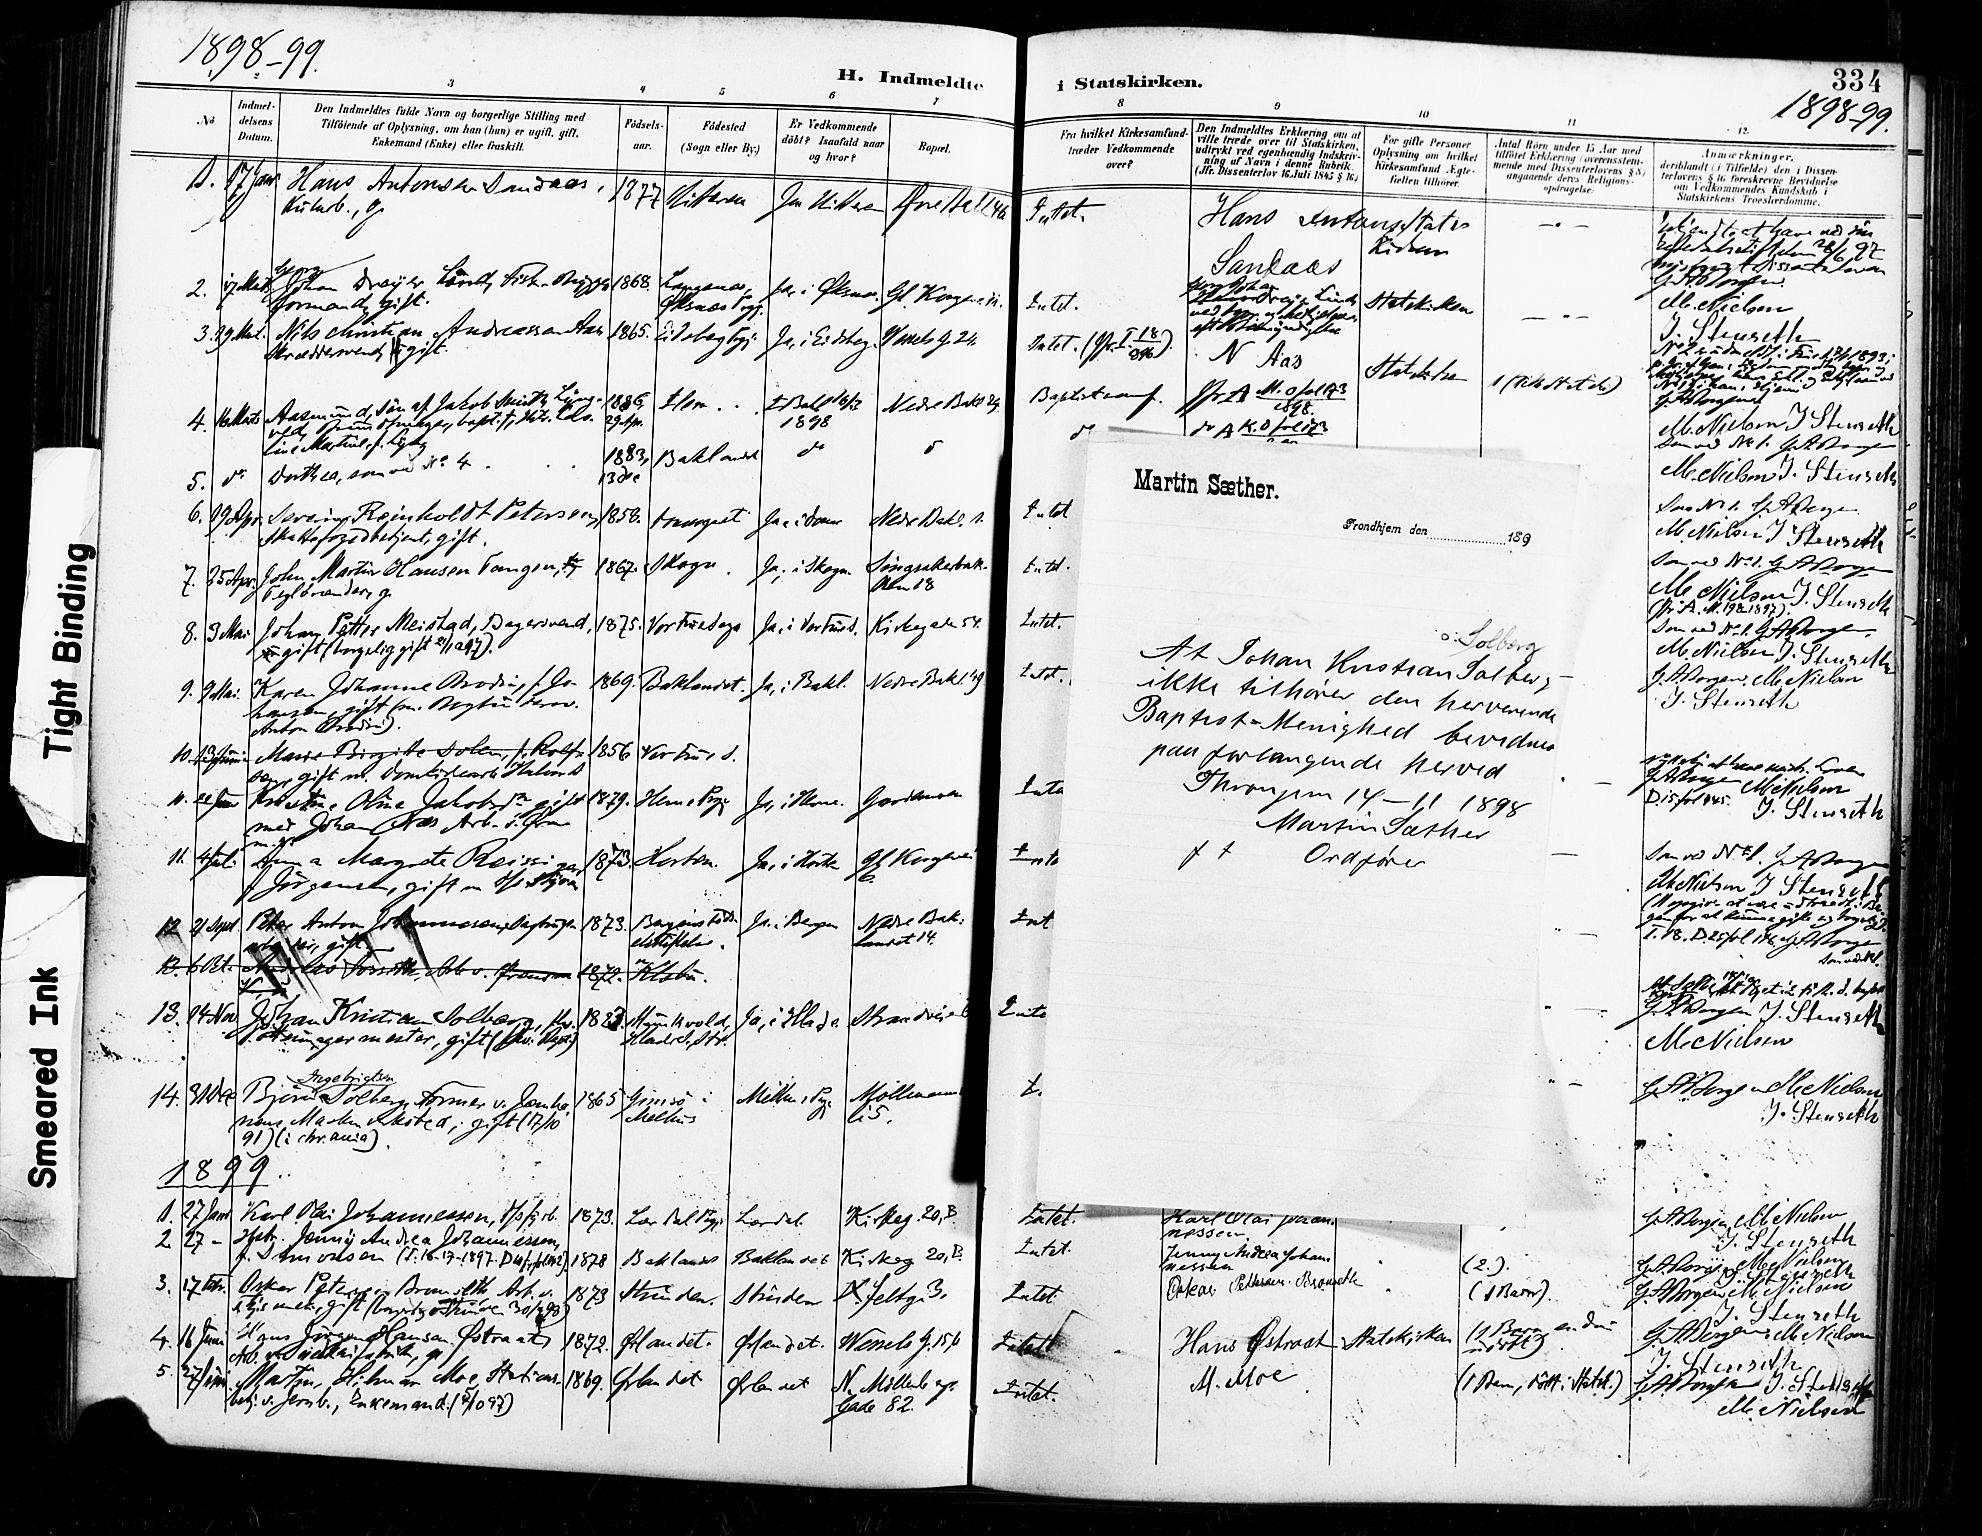 SAT, Ministerialprotokoller, klokkerbøker og fødselsregistre - Sør-Trøndelag, 604/L0198: Ministerialbok nr. 604A19, 1893-1900, s. 334